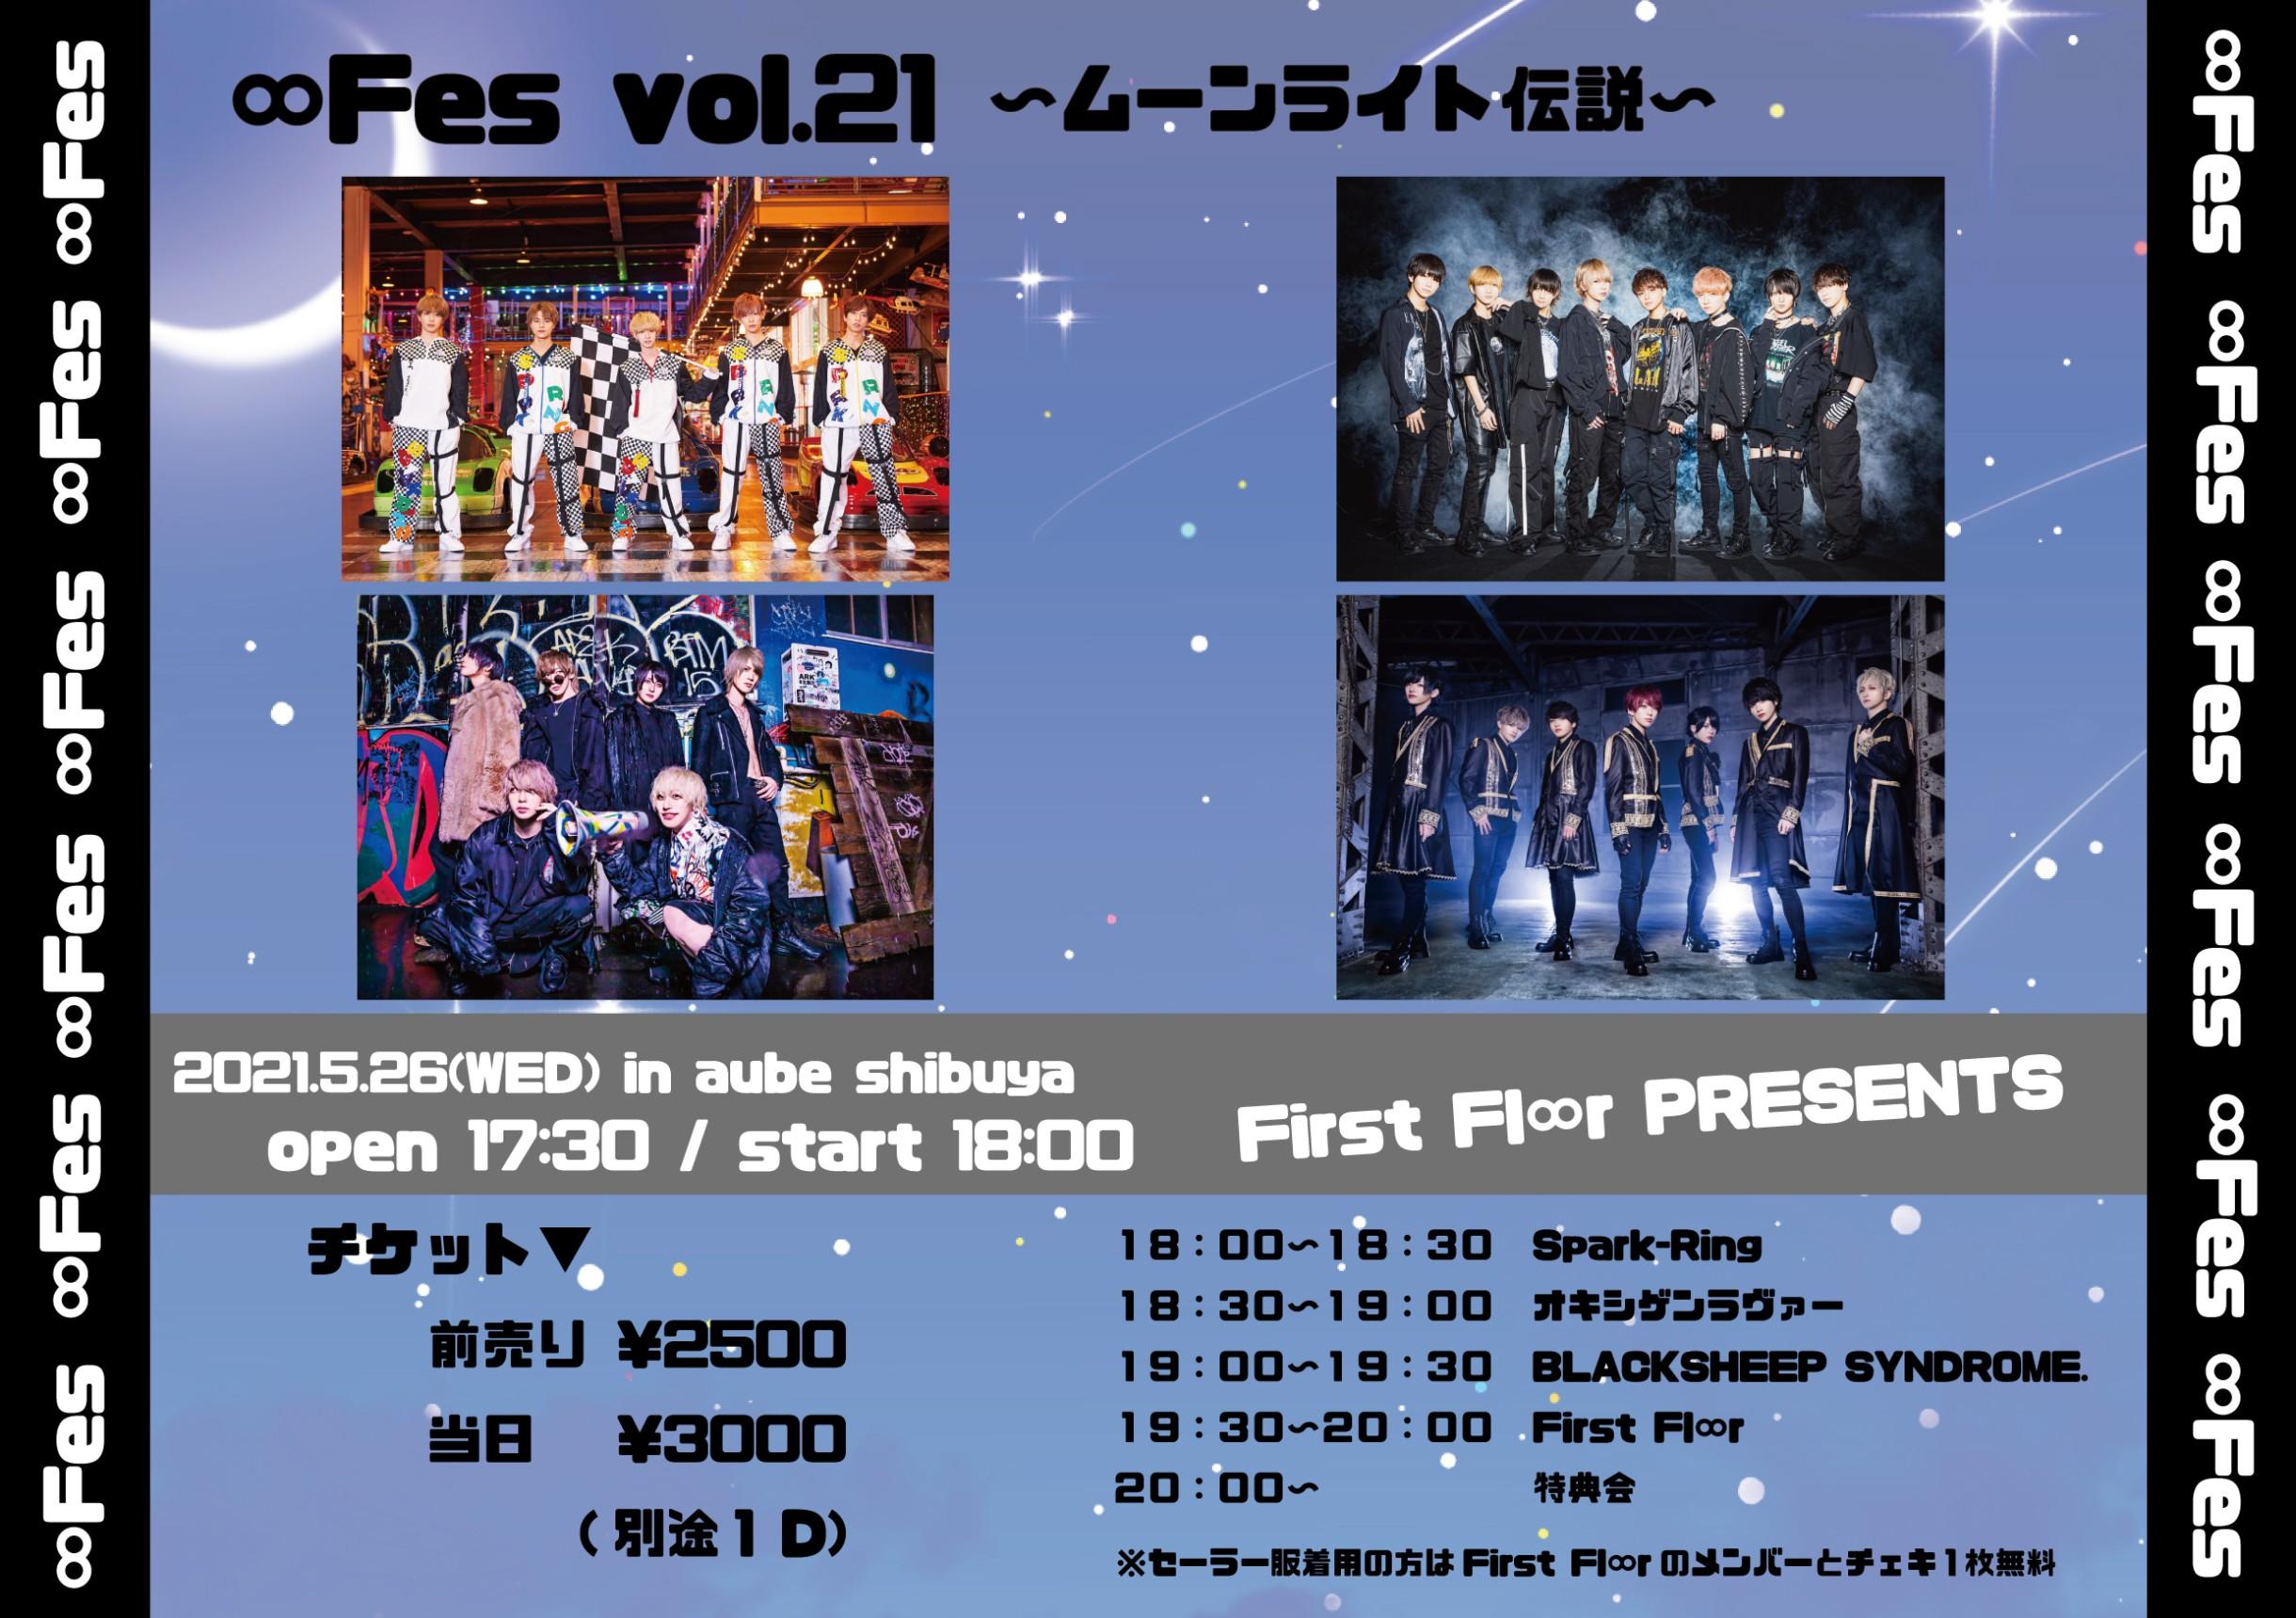 ∞Fes Vol.21〜ムーンライト伝説〜